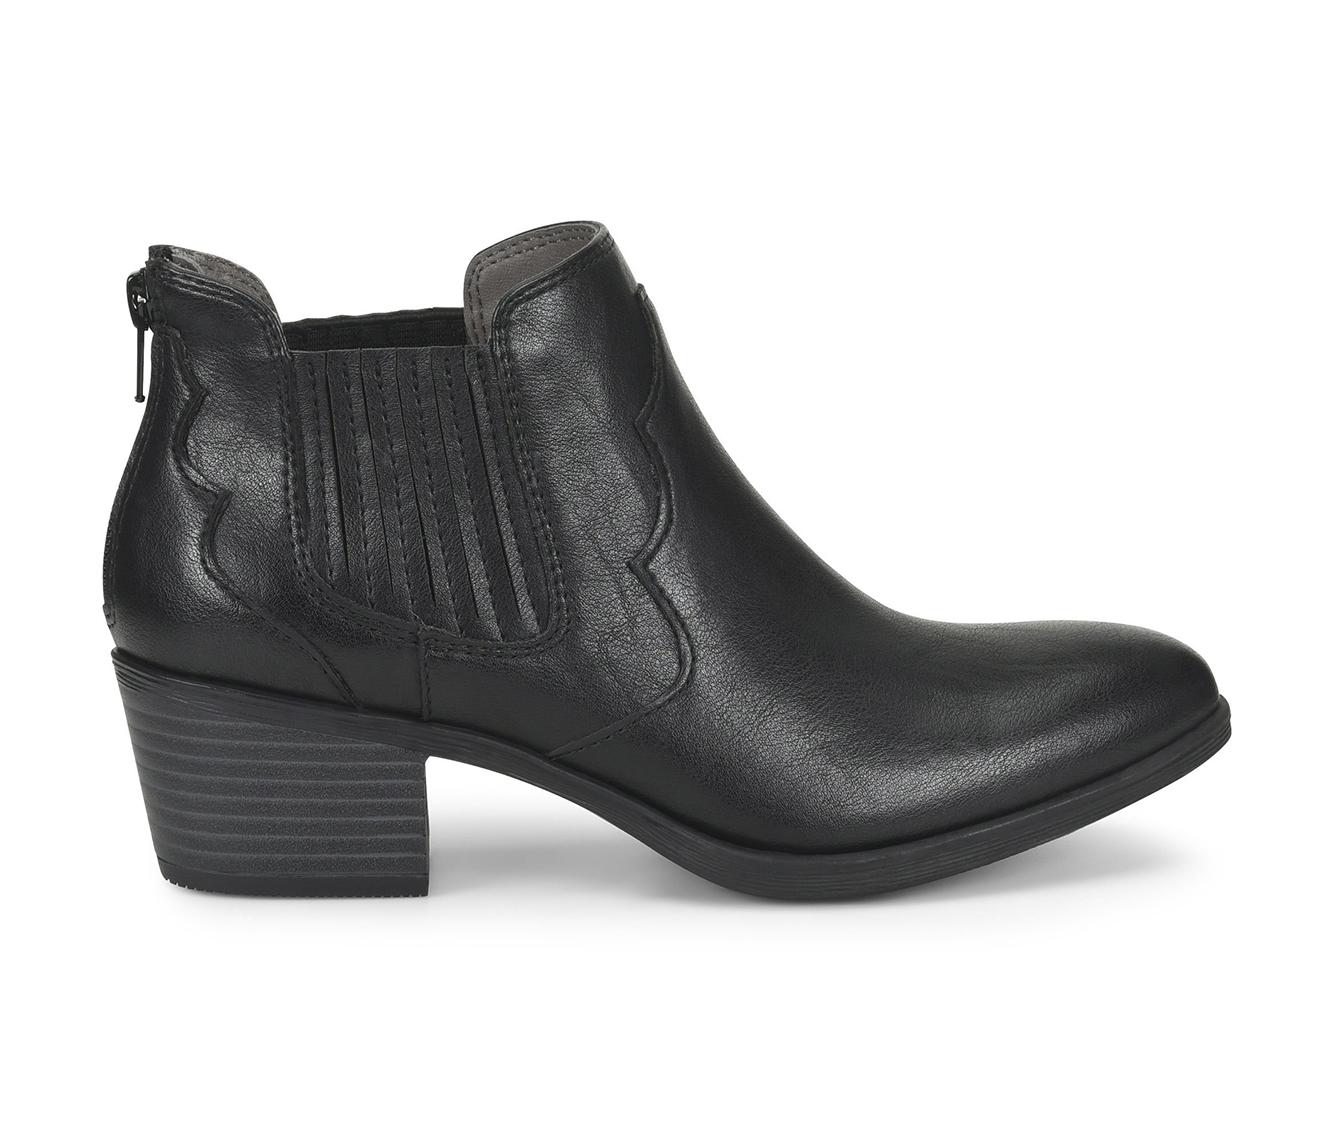 EuroSoft Adalene Women's Boot (Black Faux Leather)